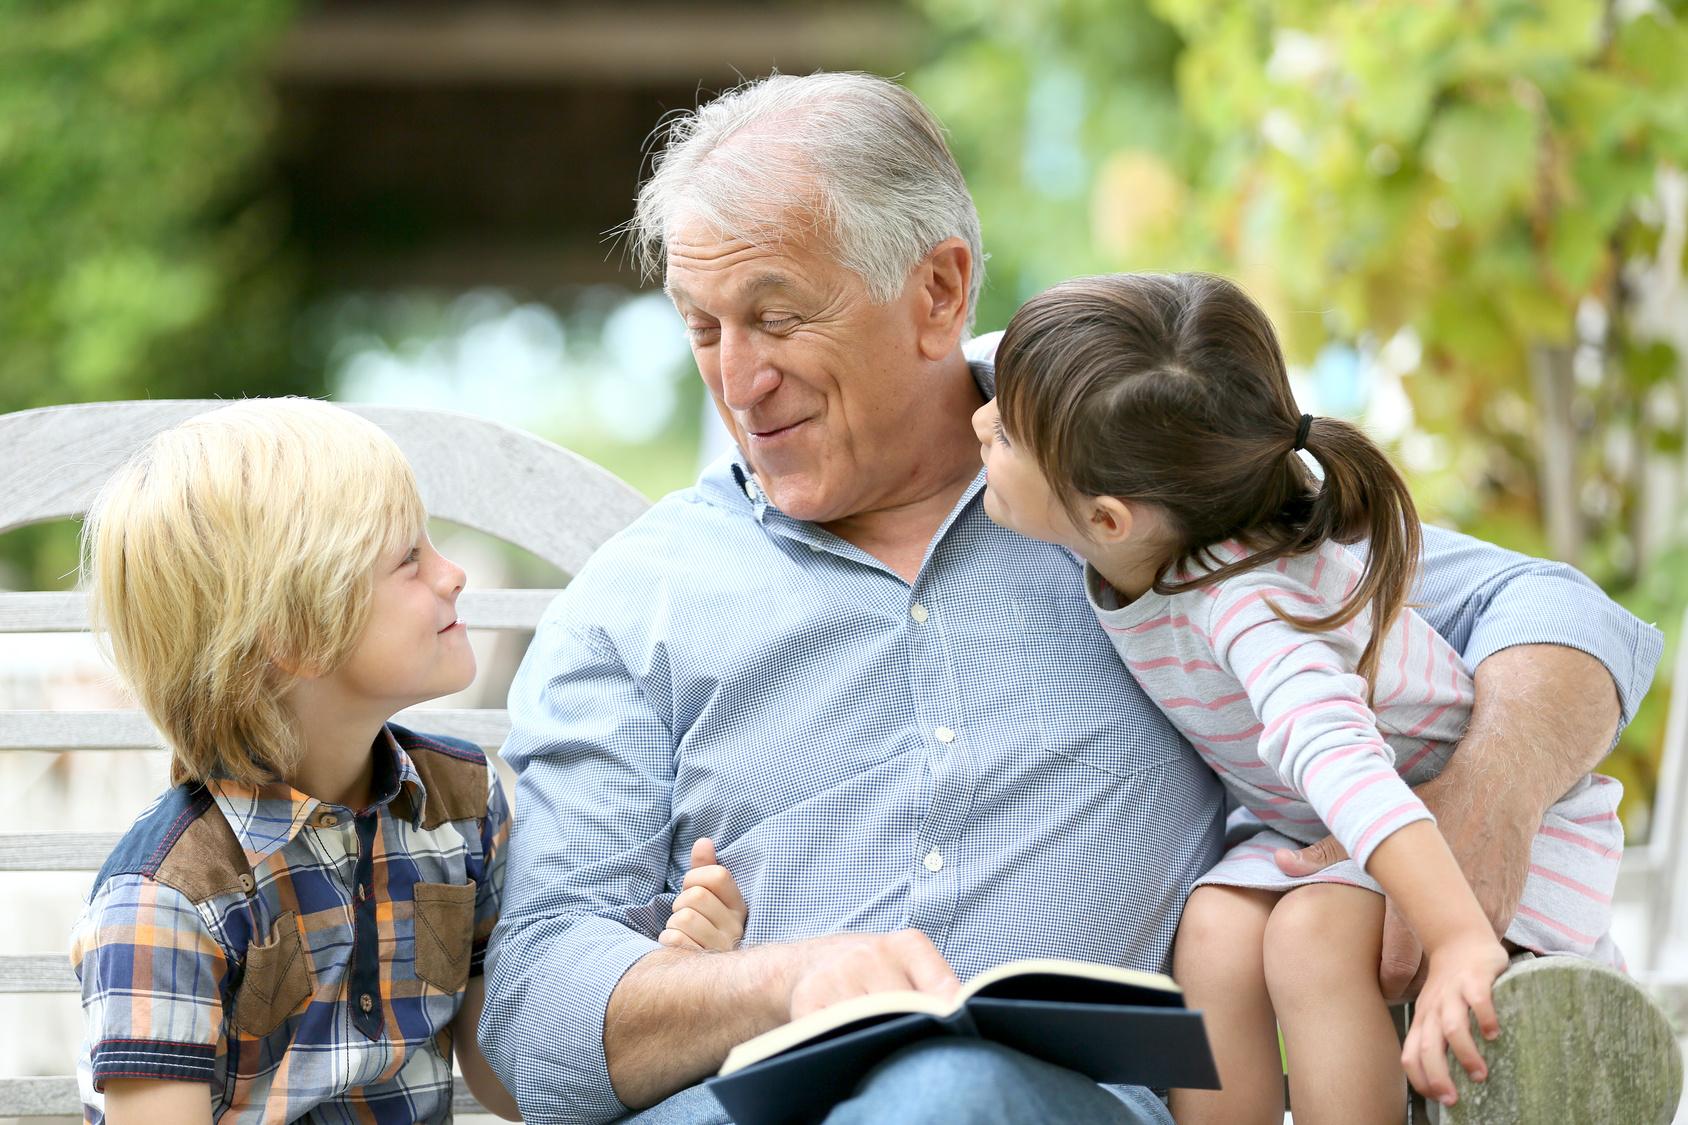 Dziadkowie – strażnicy pieszczot i dobrych światów